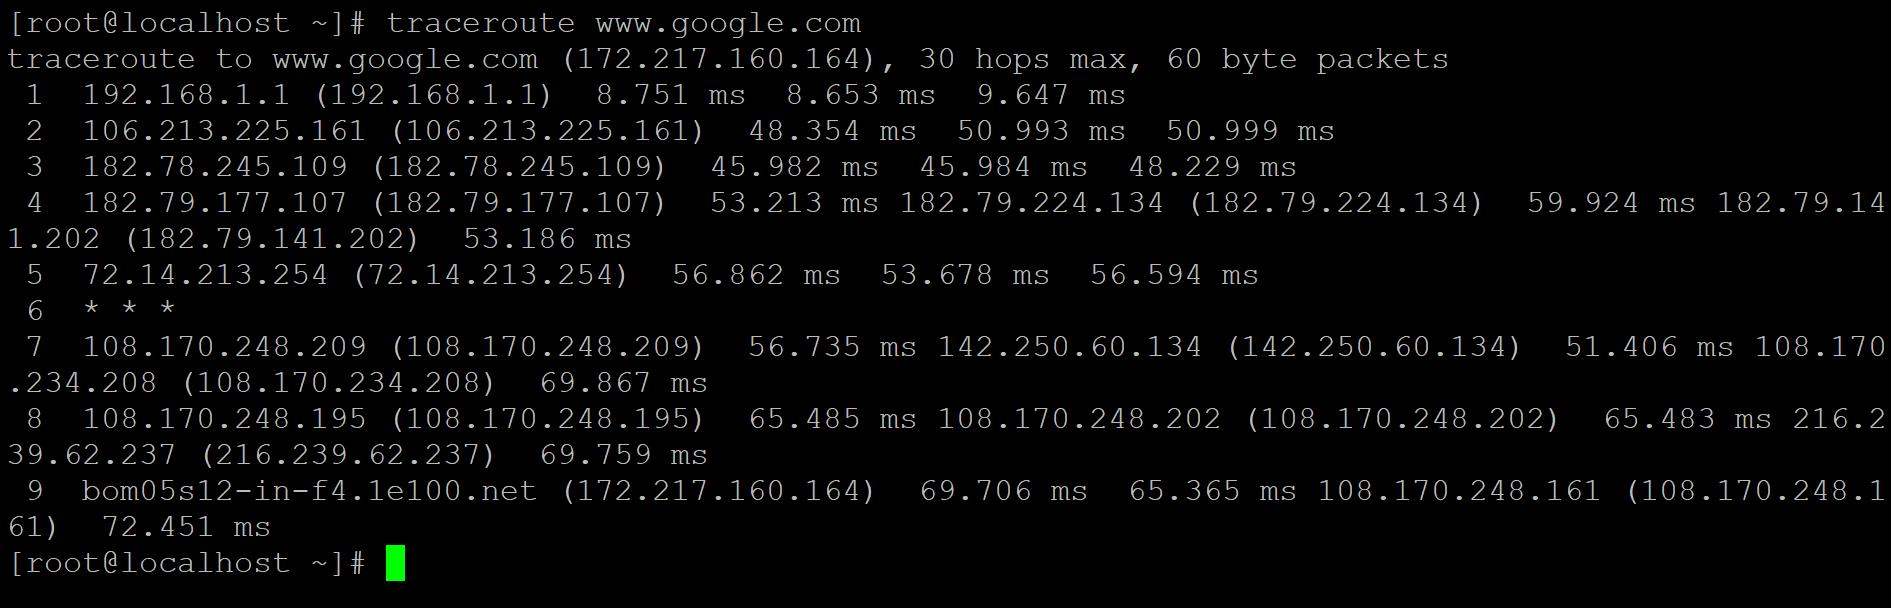 Output-4.1